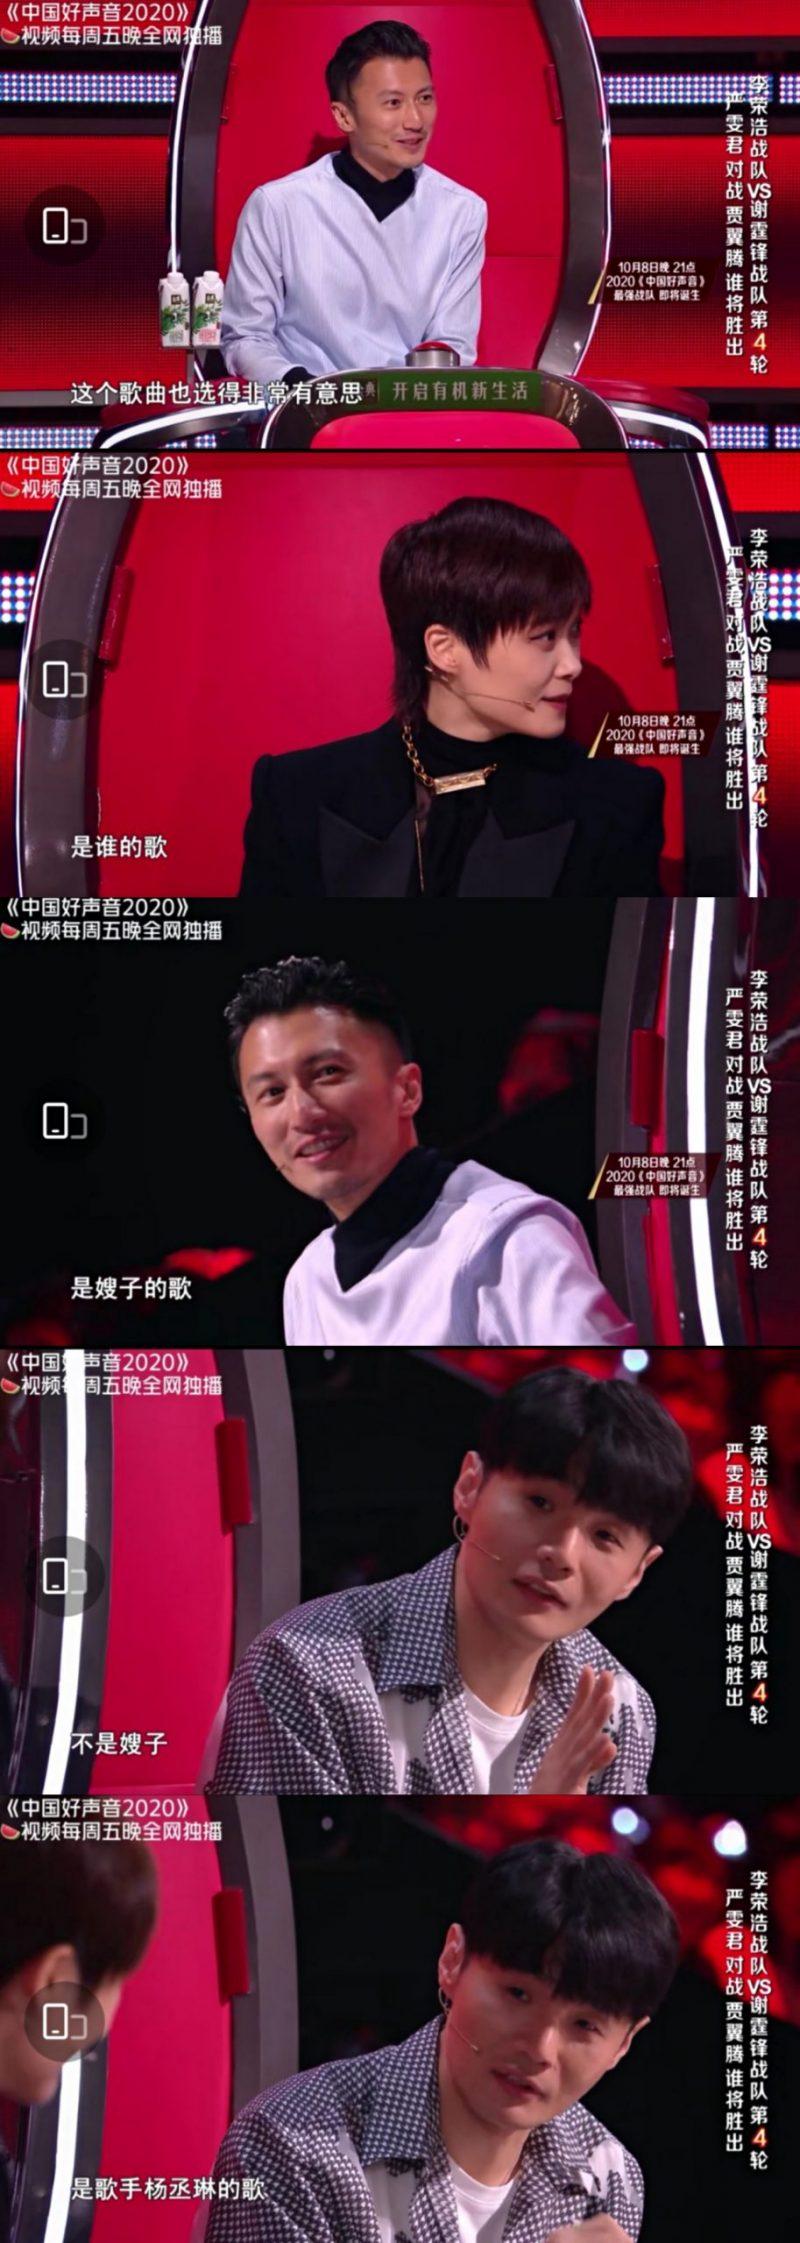 谢霆锋称呼杨丞琳为嫂子!李荣浩纠正:不是嫂子 是……